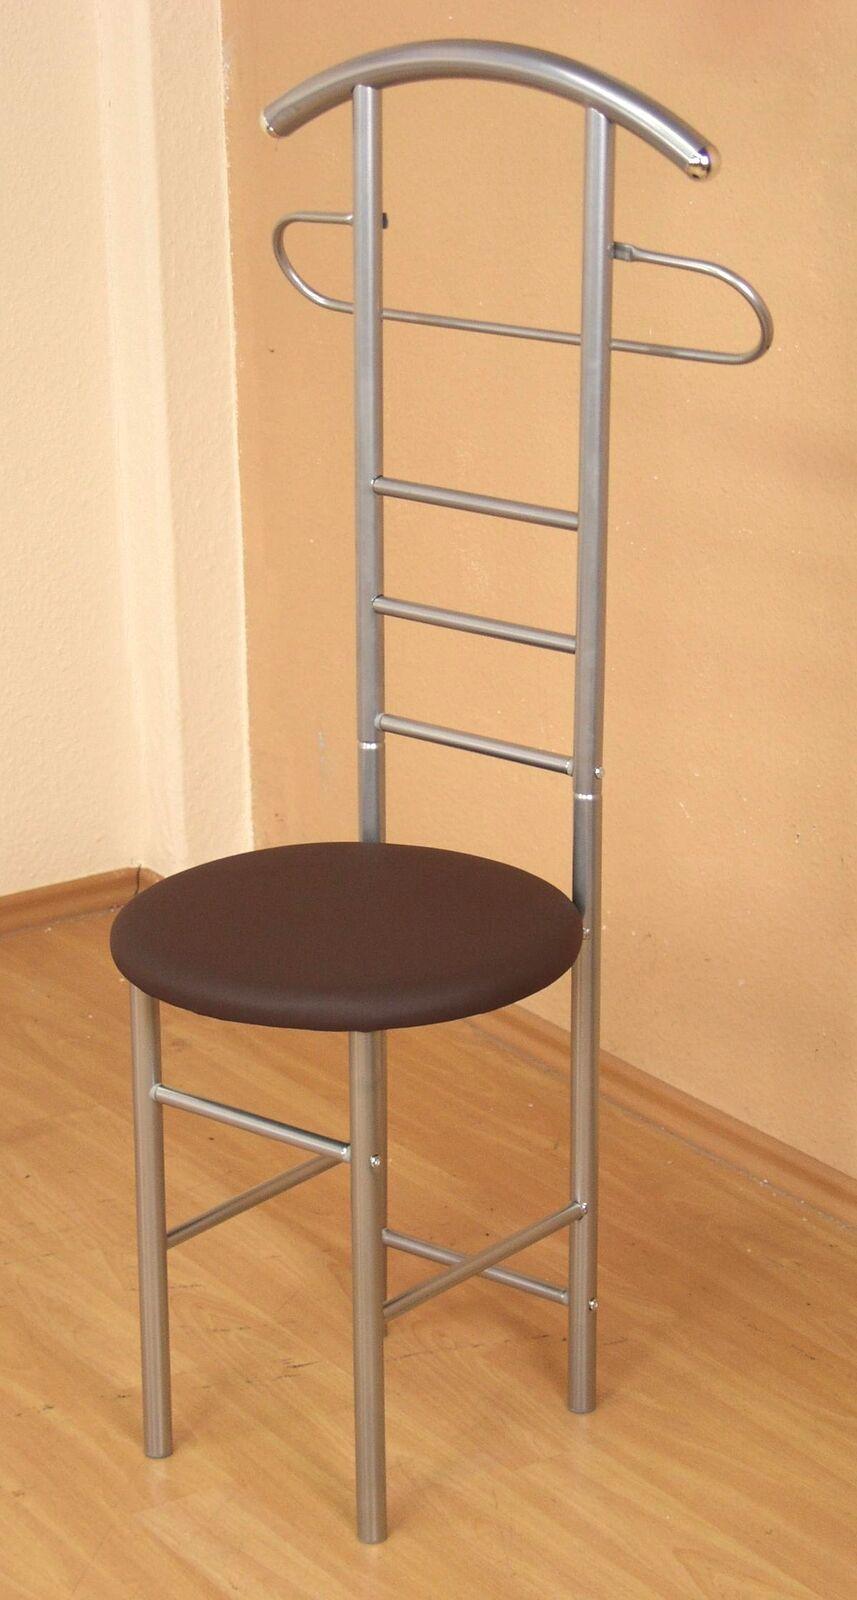 stuhl von oben perfect stuhl von oben with stuhl von oben. Black Bedroom Furniture Sets. Home Design Ideas